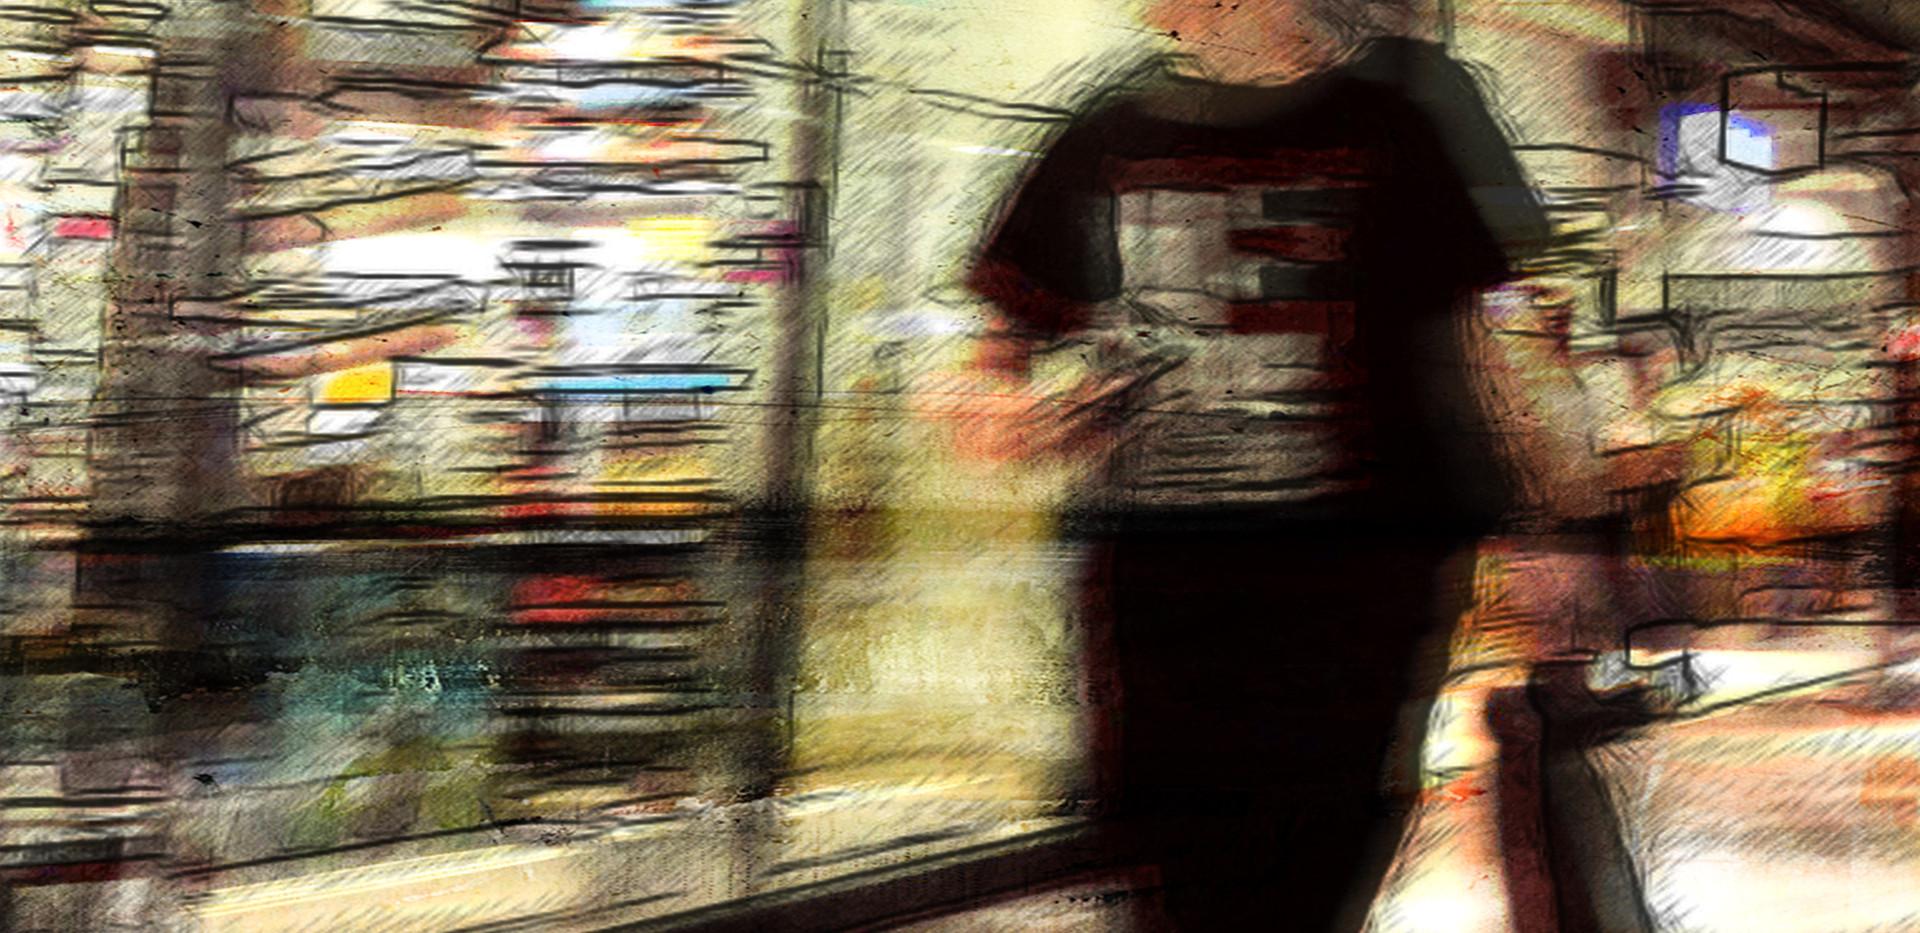 Projet_Streat_People_05 copie.jpg